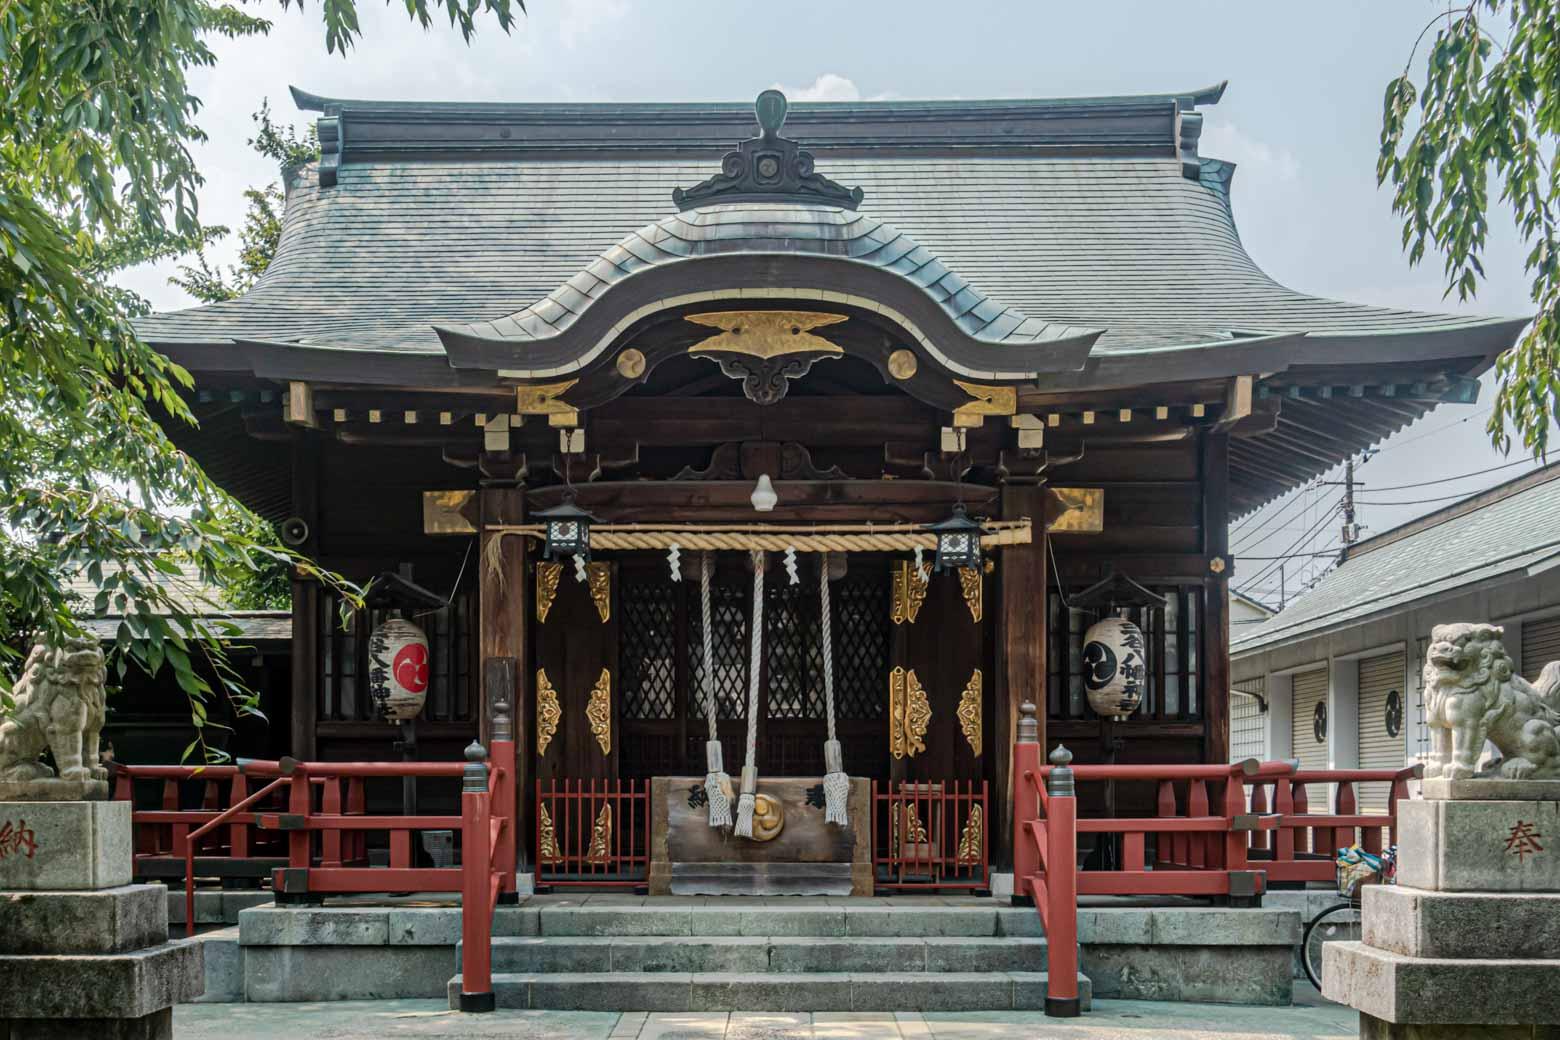 こちらが三谷八幡神社(さんやはちまんじんじゃ)です。近所にある小山八幡神社の分祀でして、毎年9月には〈両社祭〉が執り行われています。